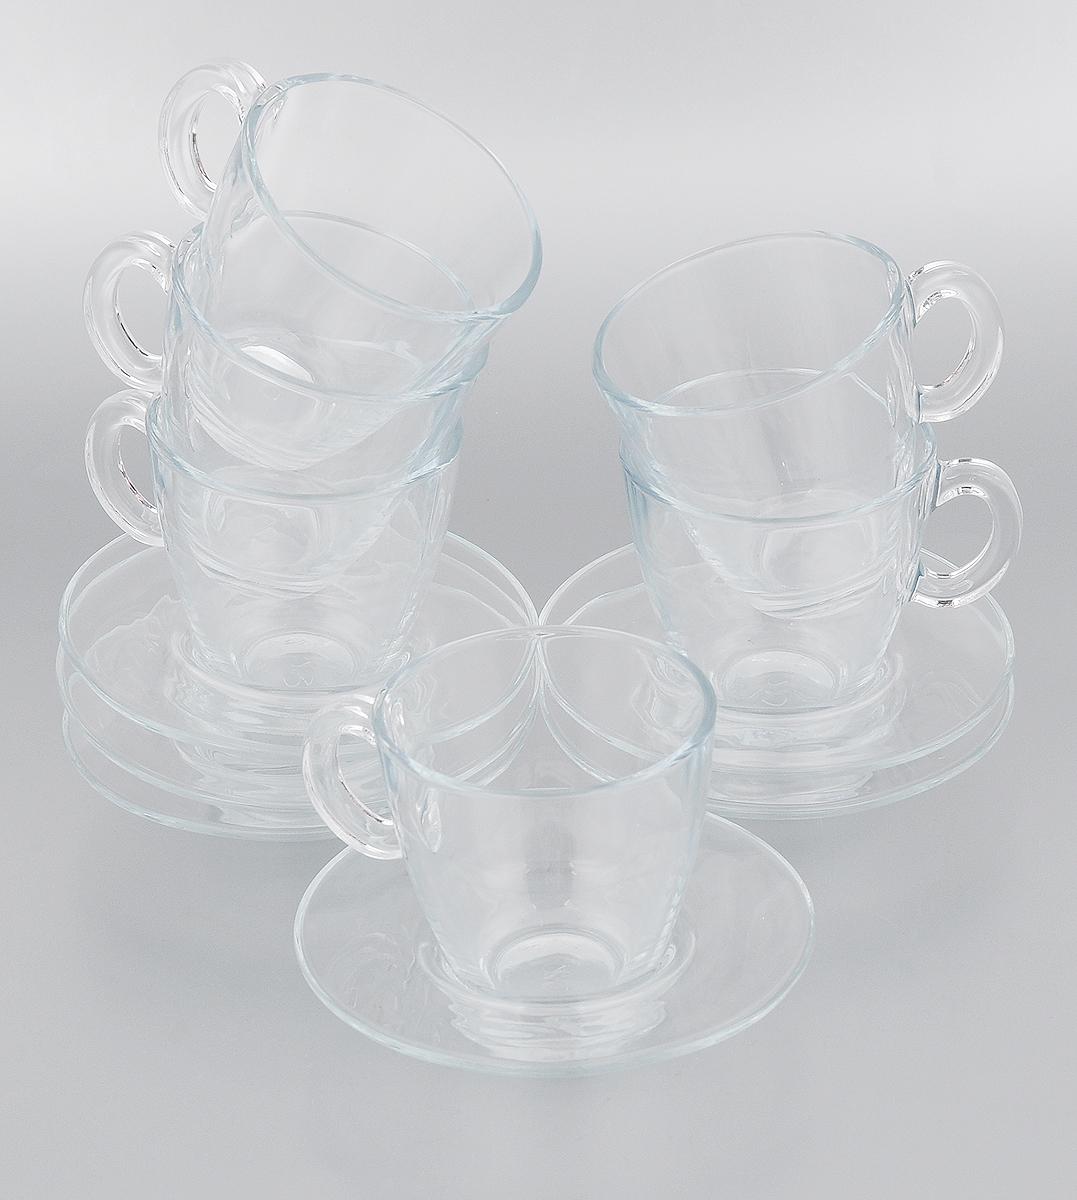 Набор чайный Pasabahce Aqua, 12 предметов95040BTЧайный набор Pasabahce Aqua состоит из шести чашек и шести блюдец. Предметы набора изготовлены из прочного натрий-кальций-силикатного стекла. Изящный чайный набор великолепно украсит стол к чаепитию и порадует вас и ваших гостей ярким дизайном и качеством исполнения. Можно использовать в микроволновой печи, в холодильнике и мыть в посудомоечной машине. Диаметр чашки по верхнему краю: 8 см. Высота чашки: 8 см. Объем чашки: 215 мл. Диаметр блюдца: 13 см. Высота блюдца: 2,5 см.